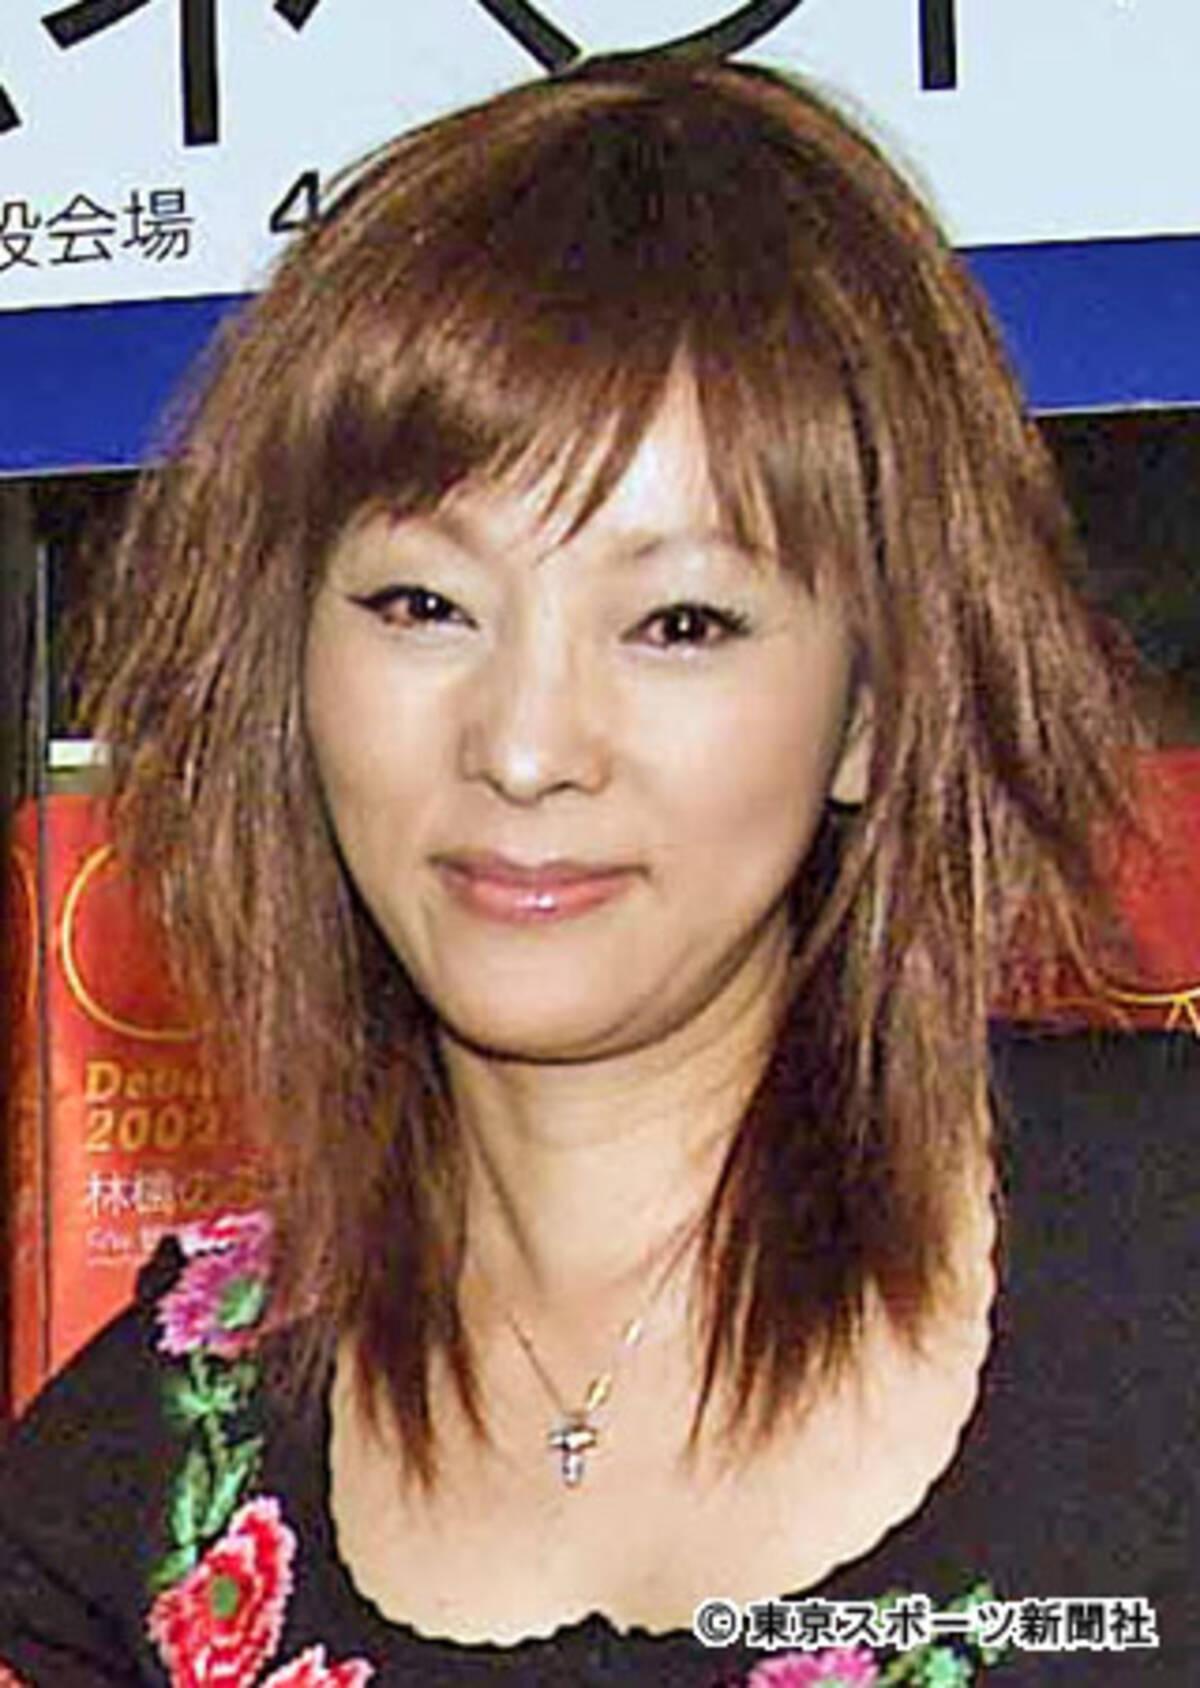 奥村チヨが今年いっぱいでの引退を発表 (2018年1月6日) - エキサイト ...